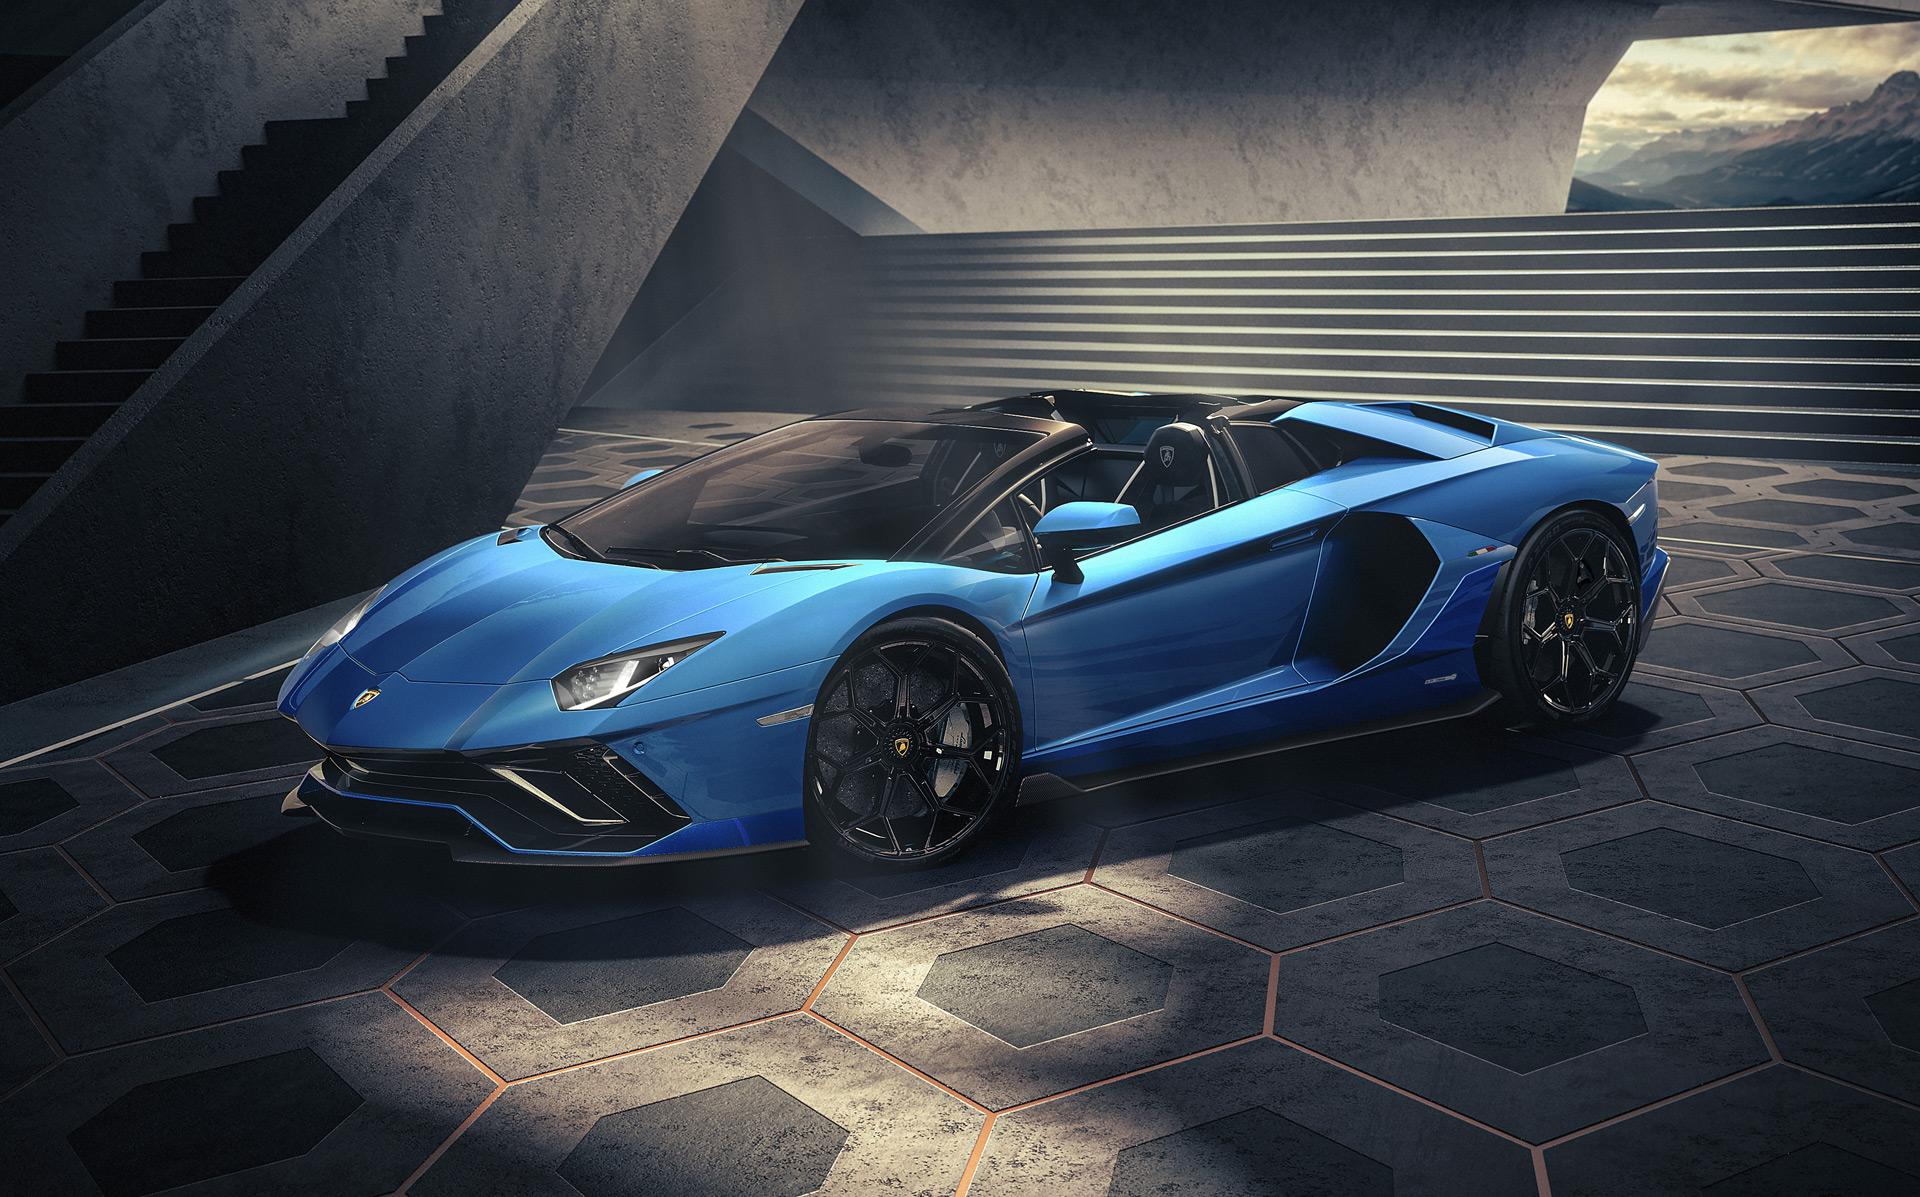 Lamborghini Aventador LP780-4 Altimai